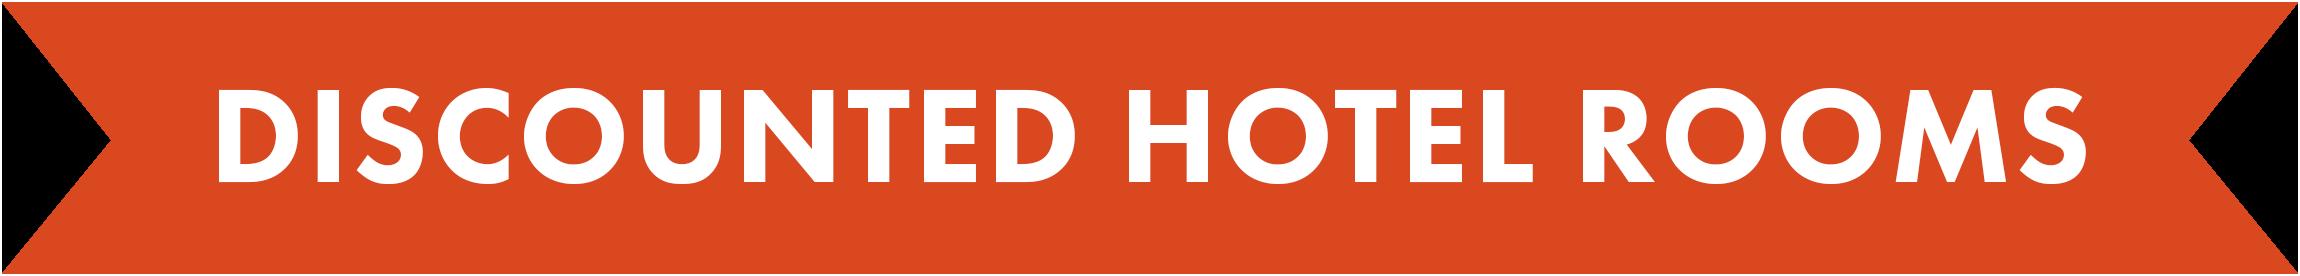 Book Hotel